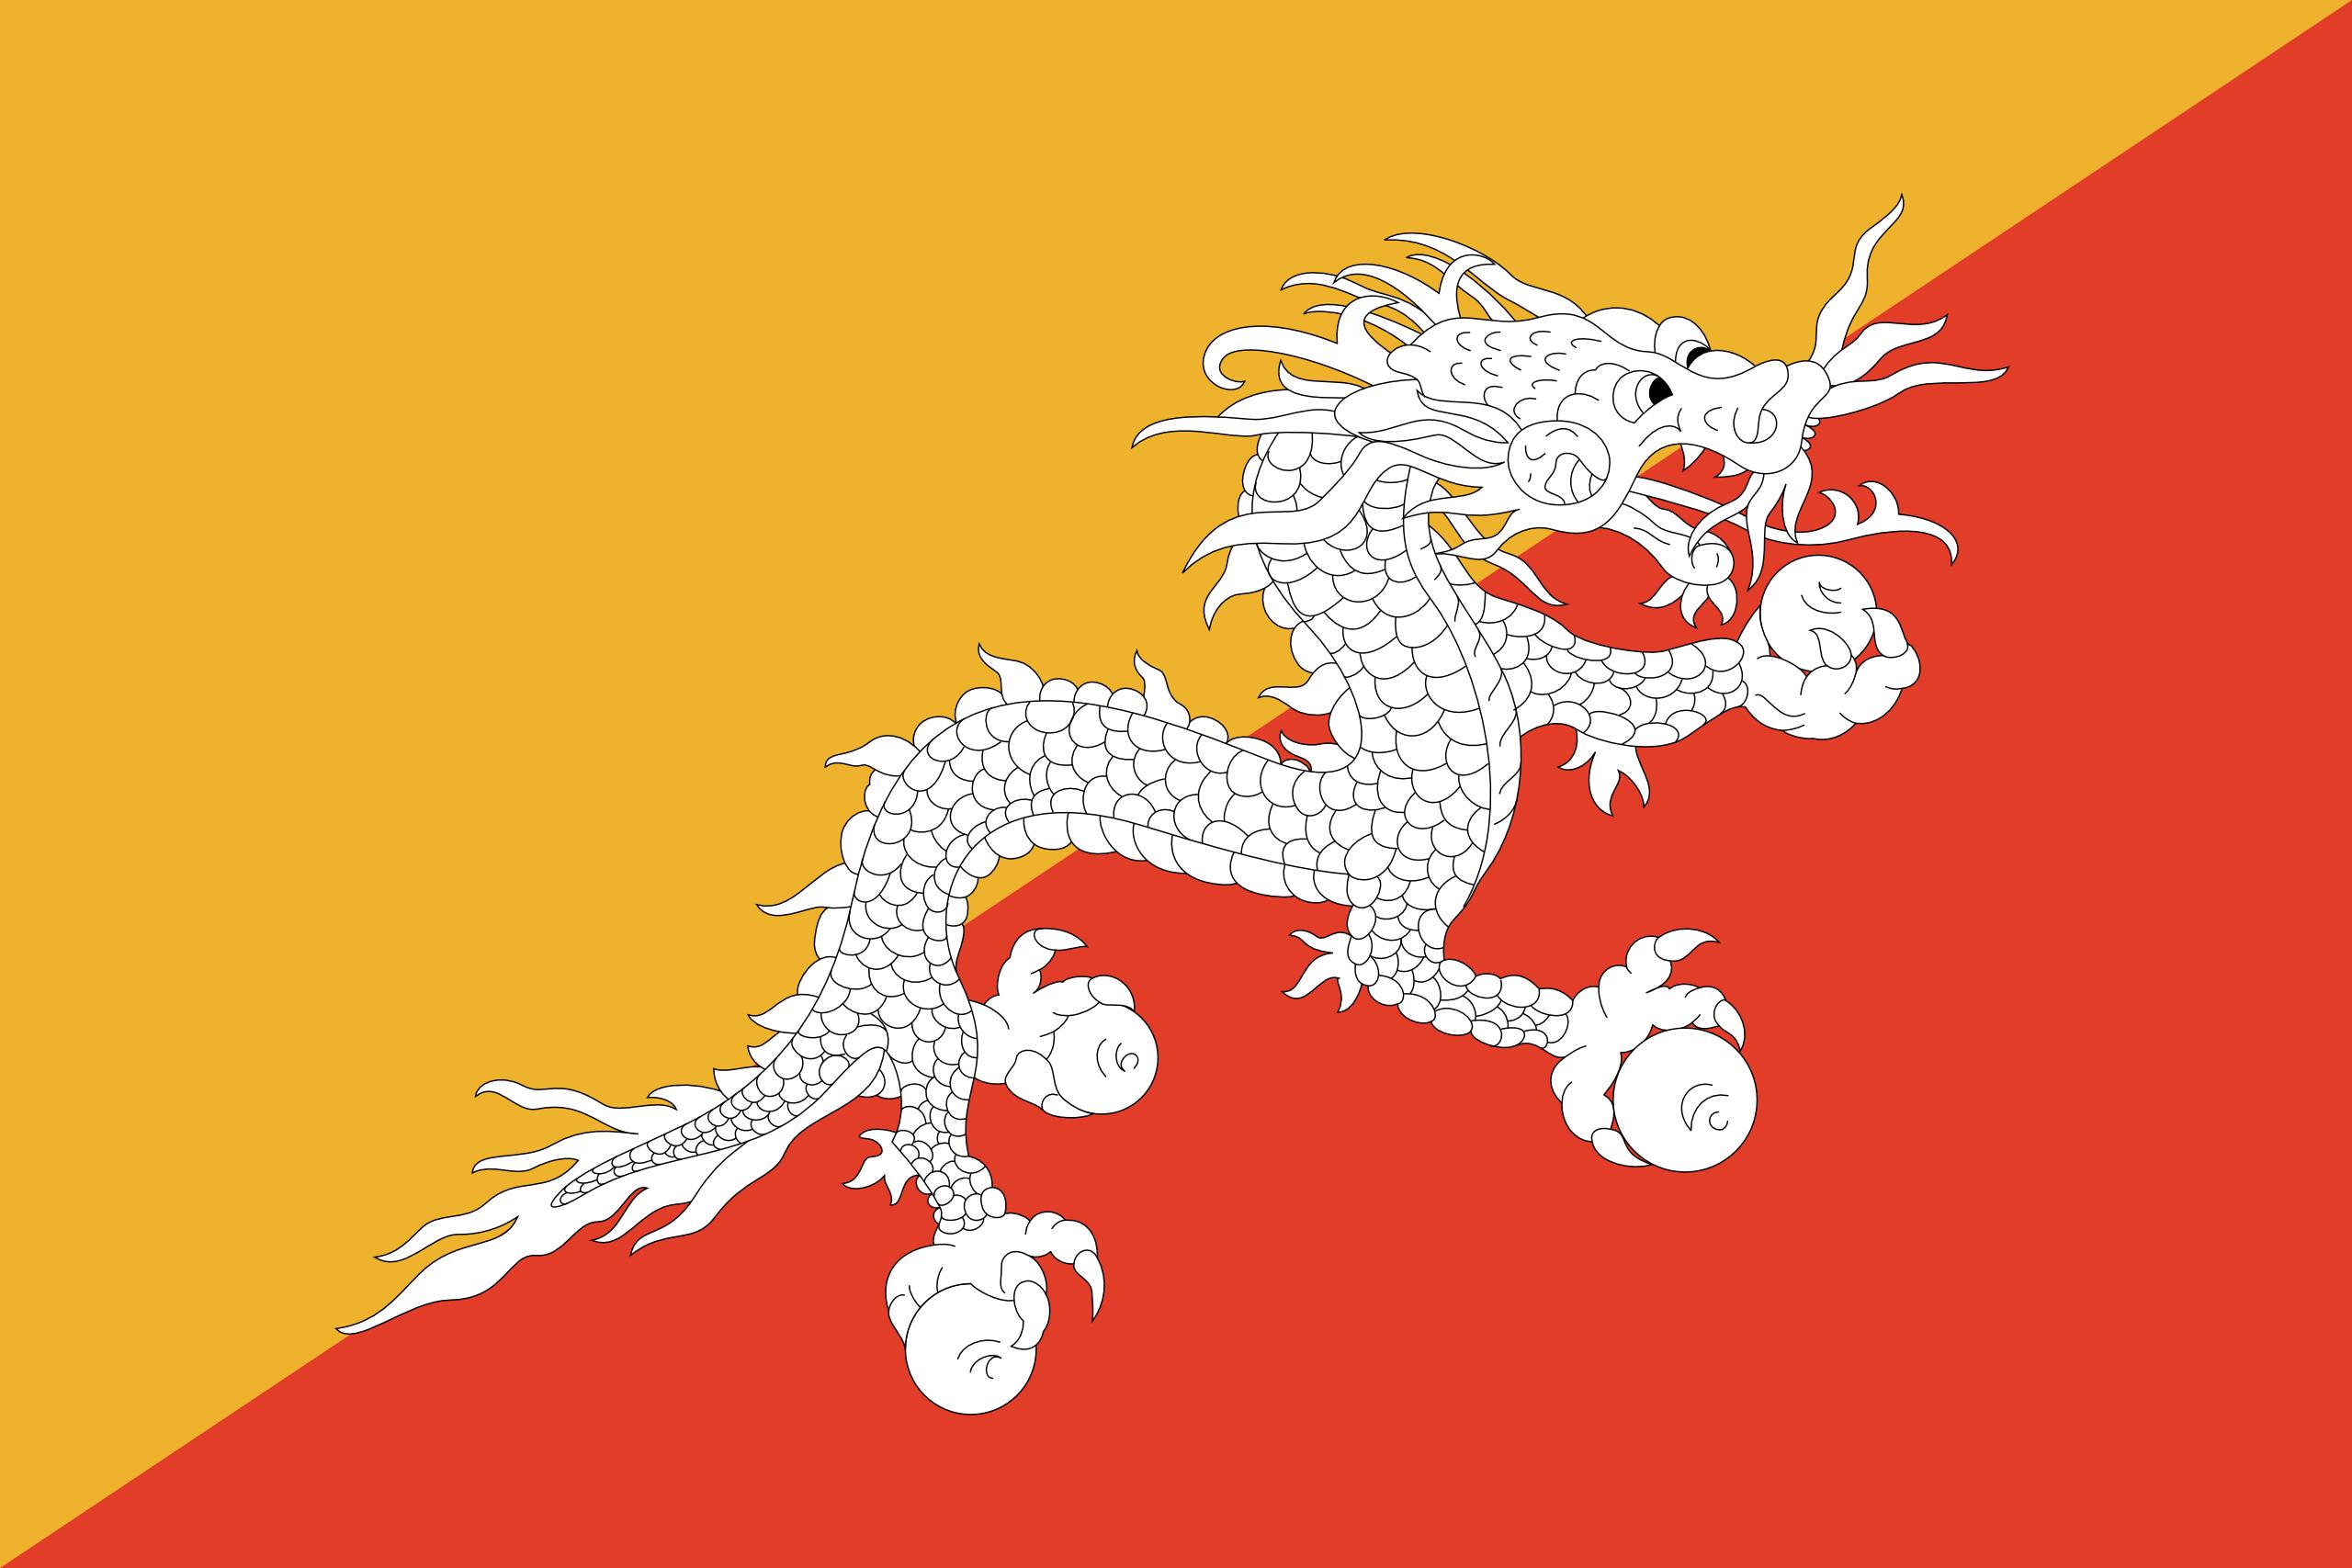 bután, país, emblema, insignia, símbolo - Fondos de Pantalla HD - professor-falken.com